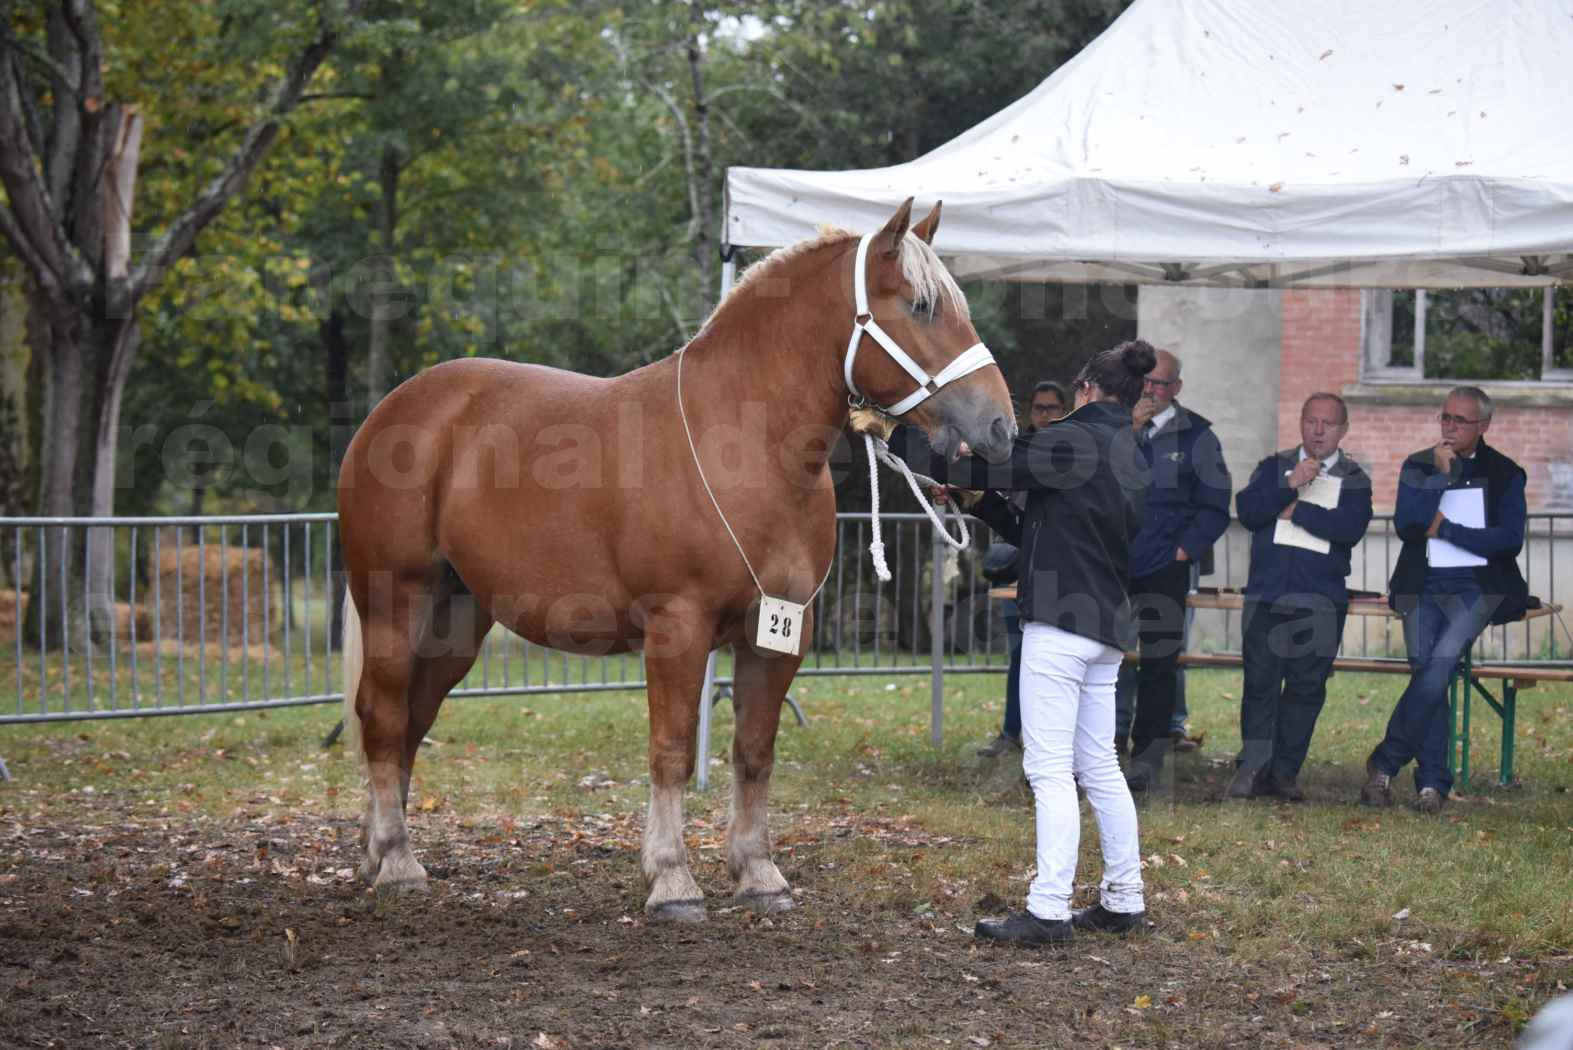 Concours Régional de chevaux de traits en 2017 - Trait COMTOIS - ETOILE 90 - 46